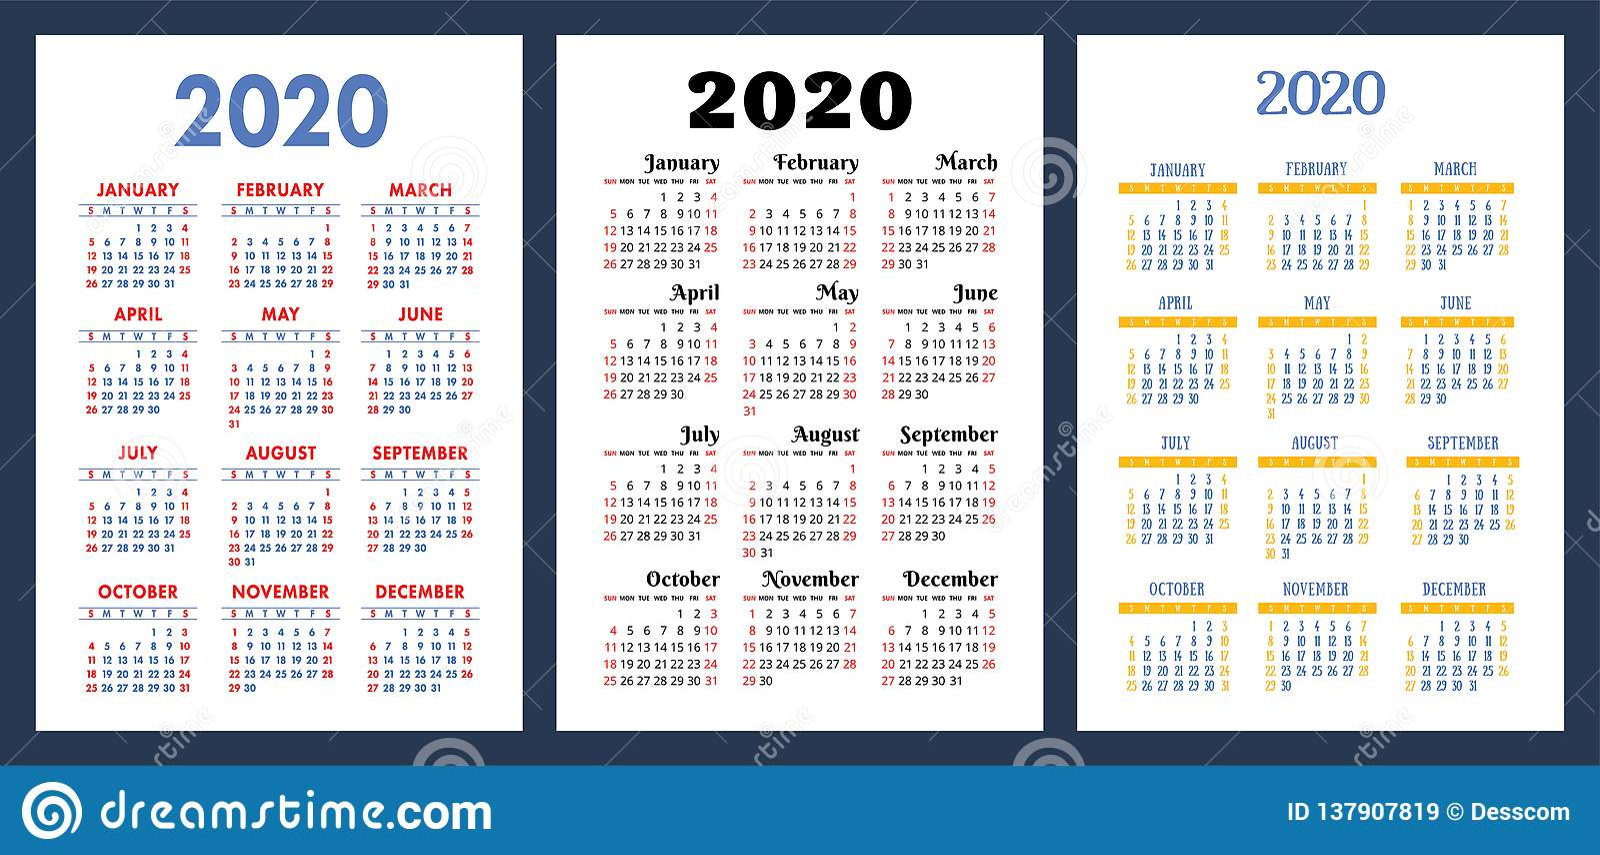 Calendario 2020 Semanas.Calendario 2020 Grupo Colorido Comecos Da Semana Em Domingo